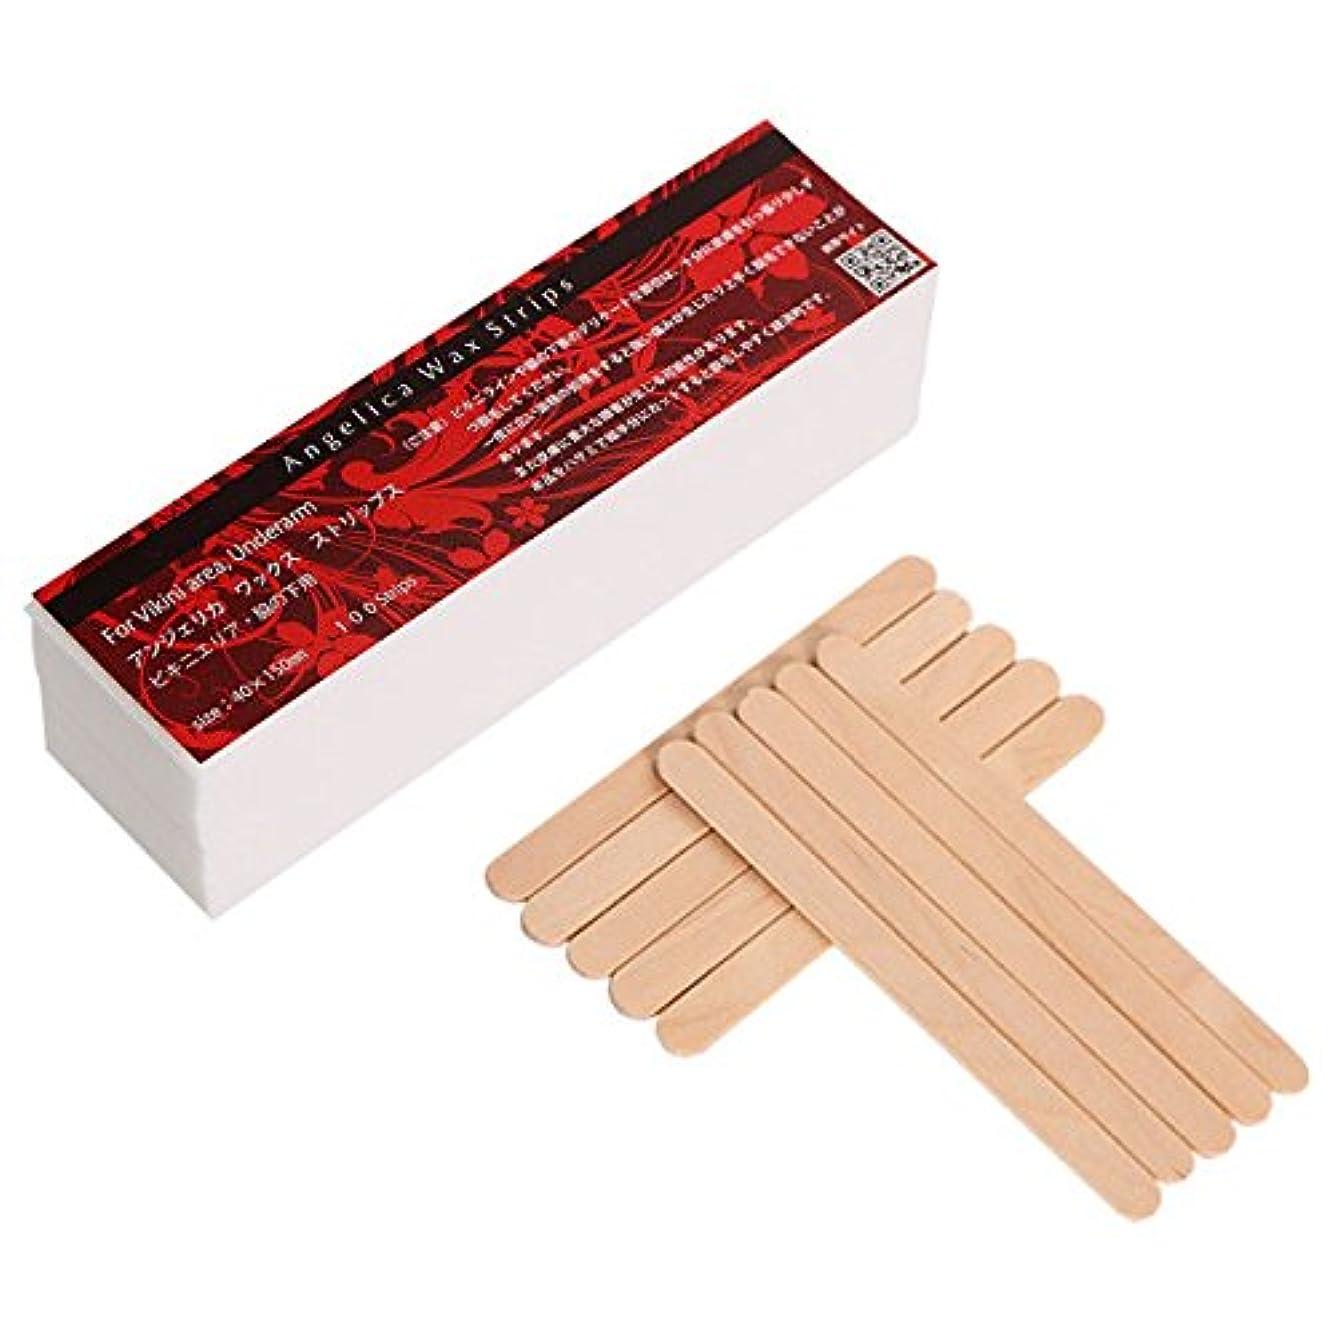 郵便物私たちの法律によりビキニ用ストリップス 4cm×15cm(100枚)&スパチュラセット